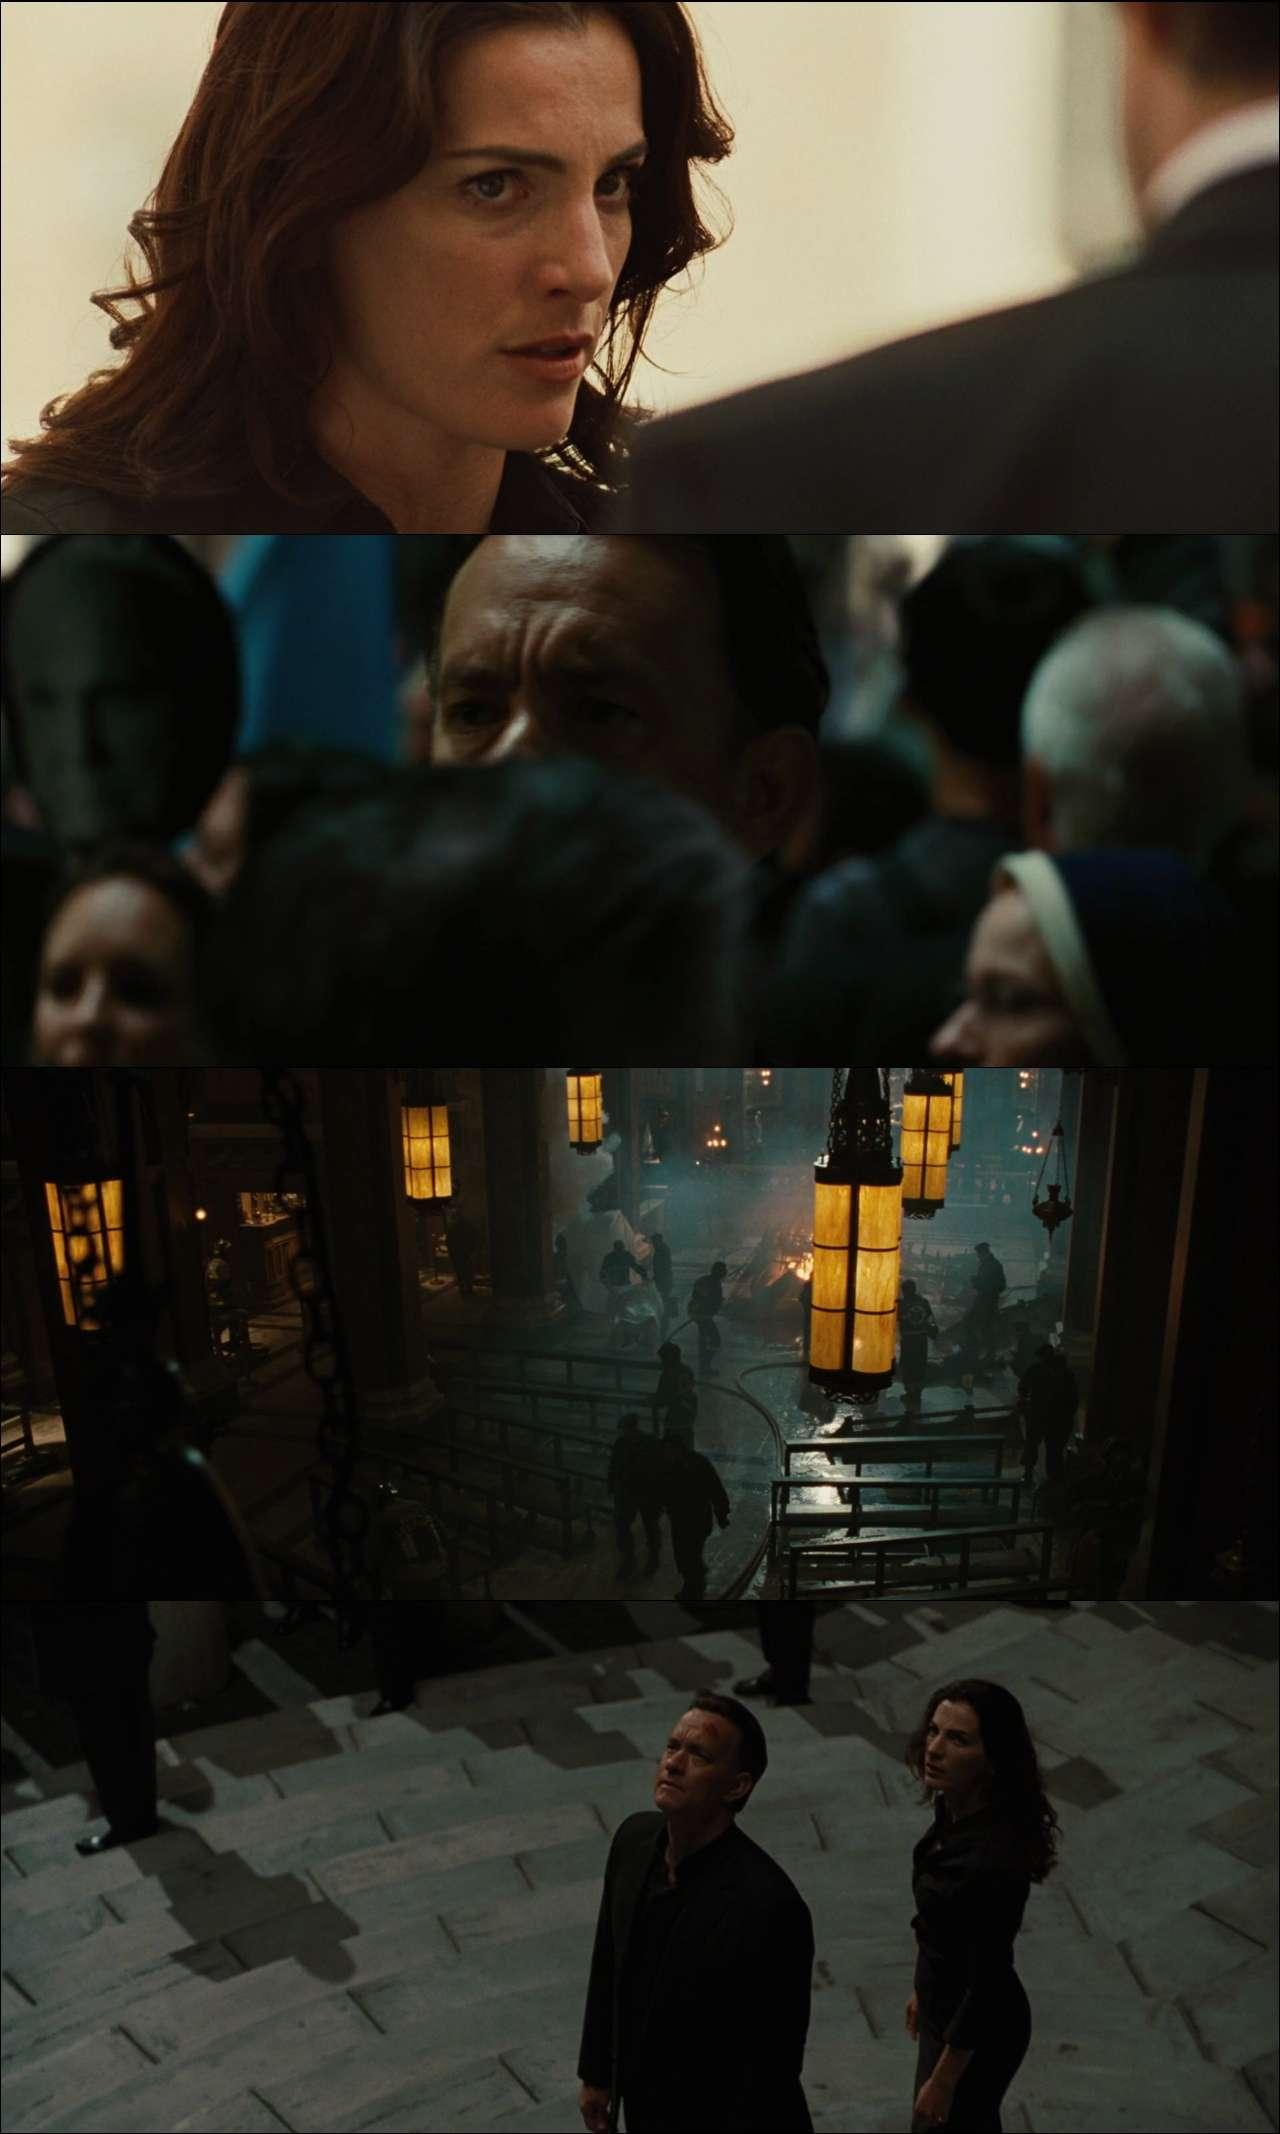 Melekler ve Şeytanlar (2009) full türkçe dublaj film indir